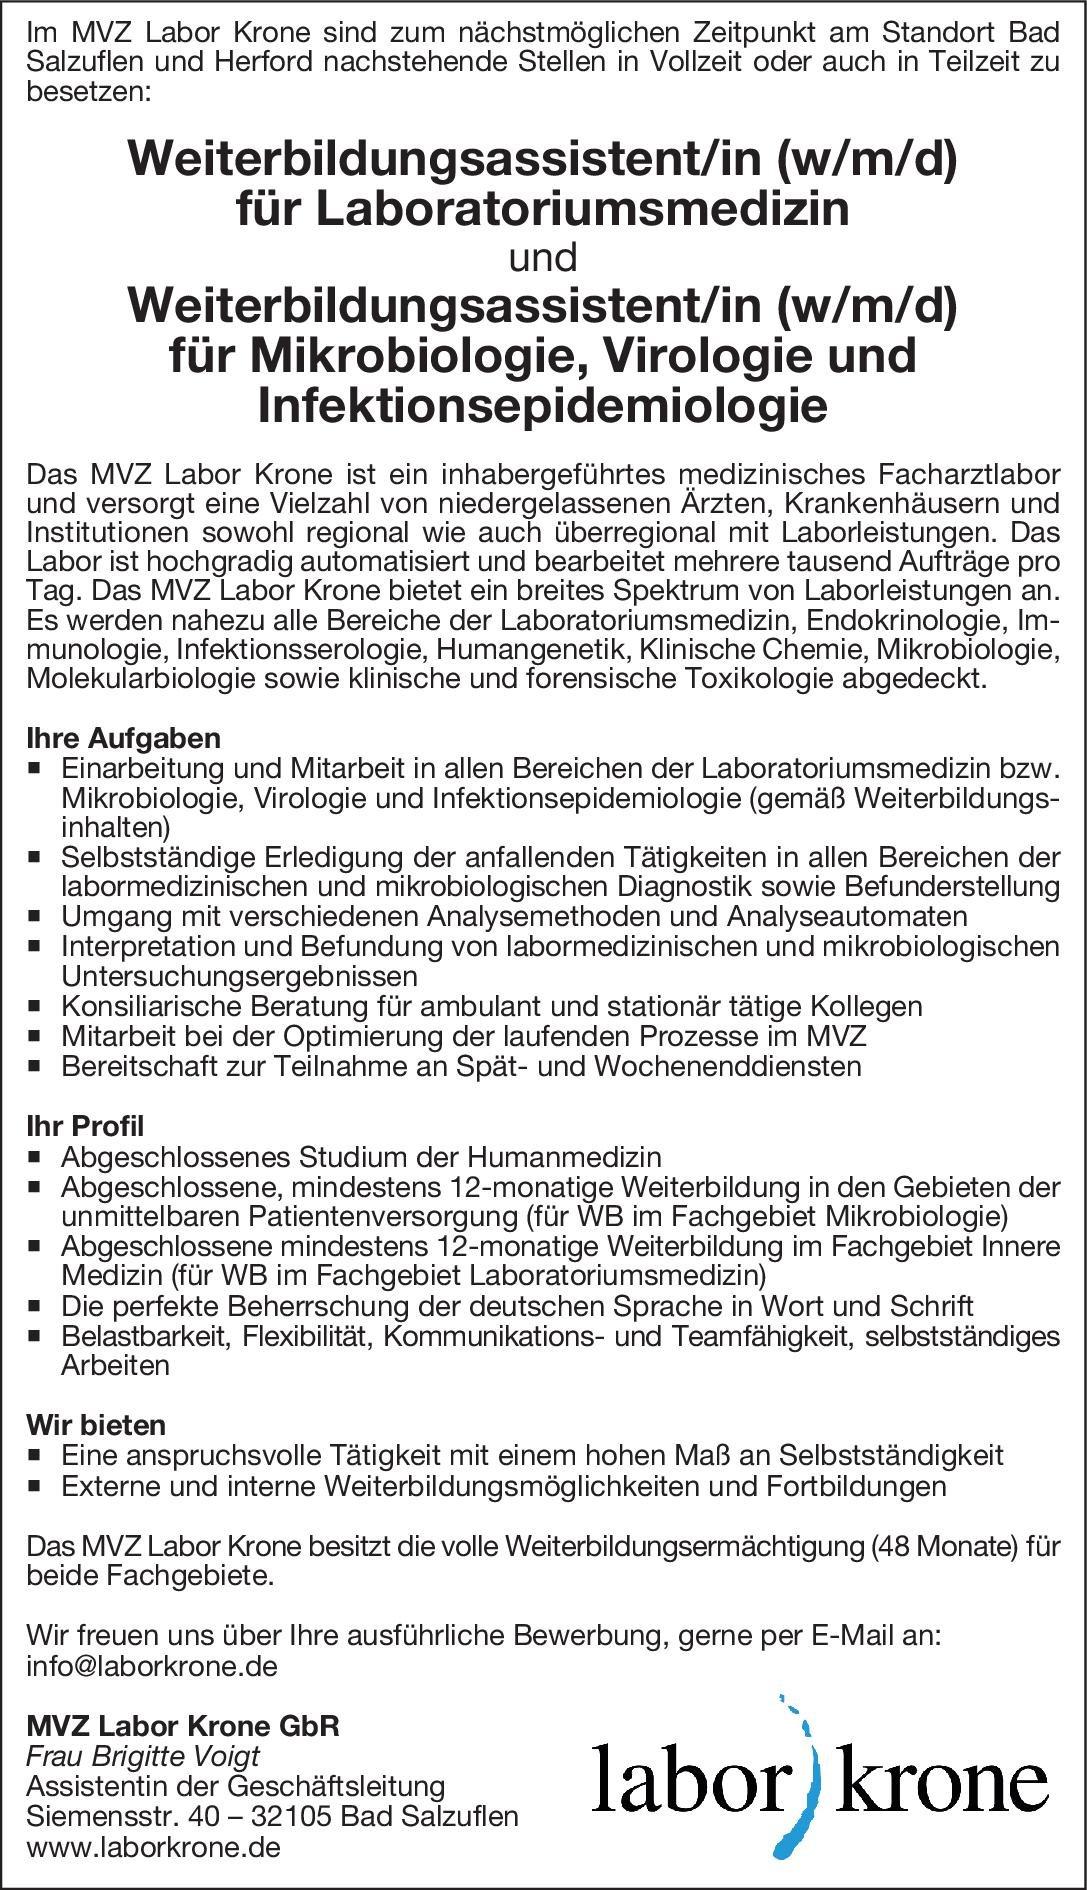 MVZ Labor Krone GbR Weiterbildungsassistent/in (w/m/d) für Mikrobiologie, Virologie und Infektionsepidemiologie Mikrobiologie und Infektionsepidemiologie Assistenzarzt / Arzt in Weiterbildung